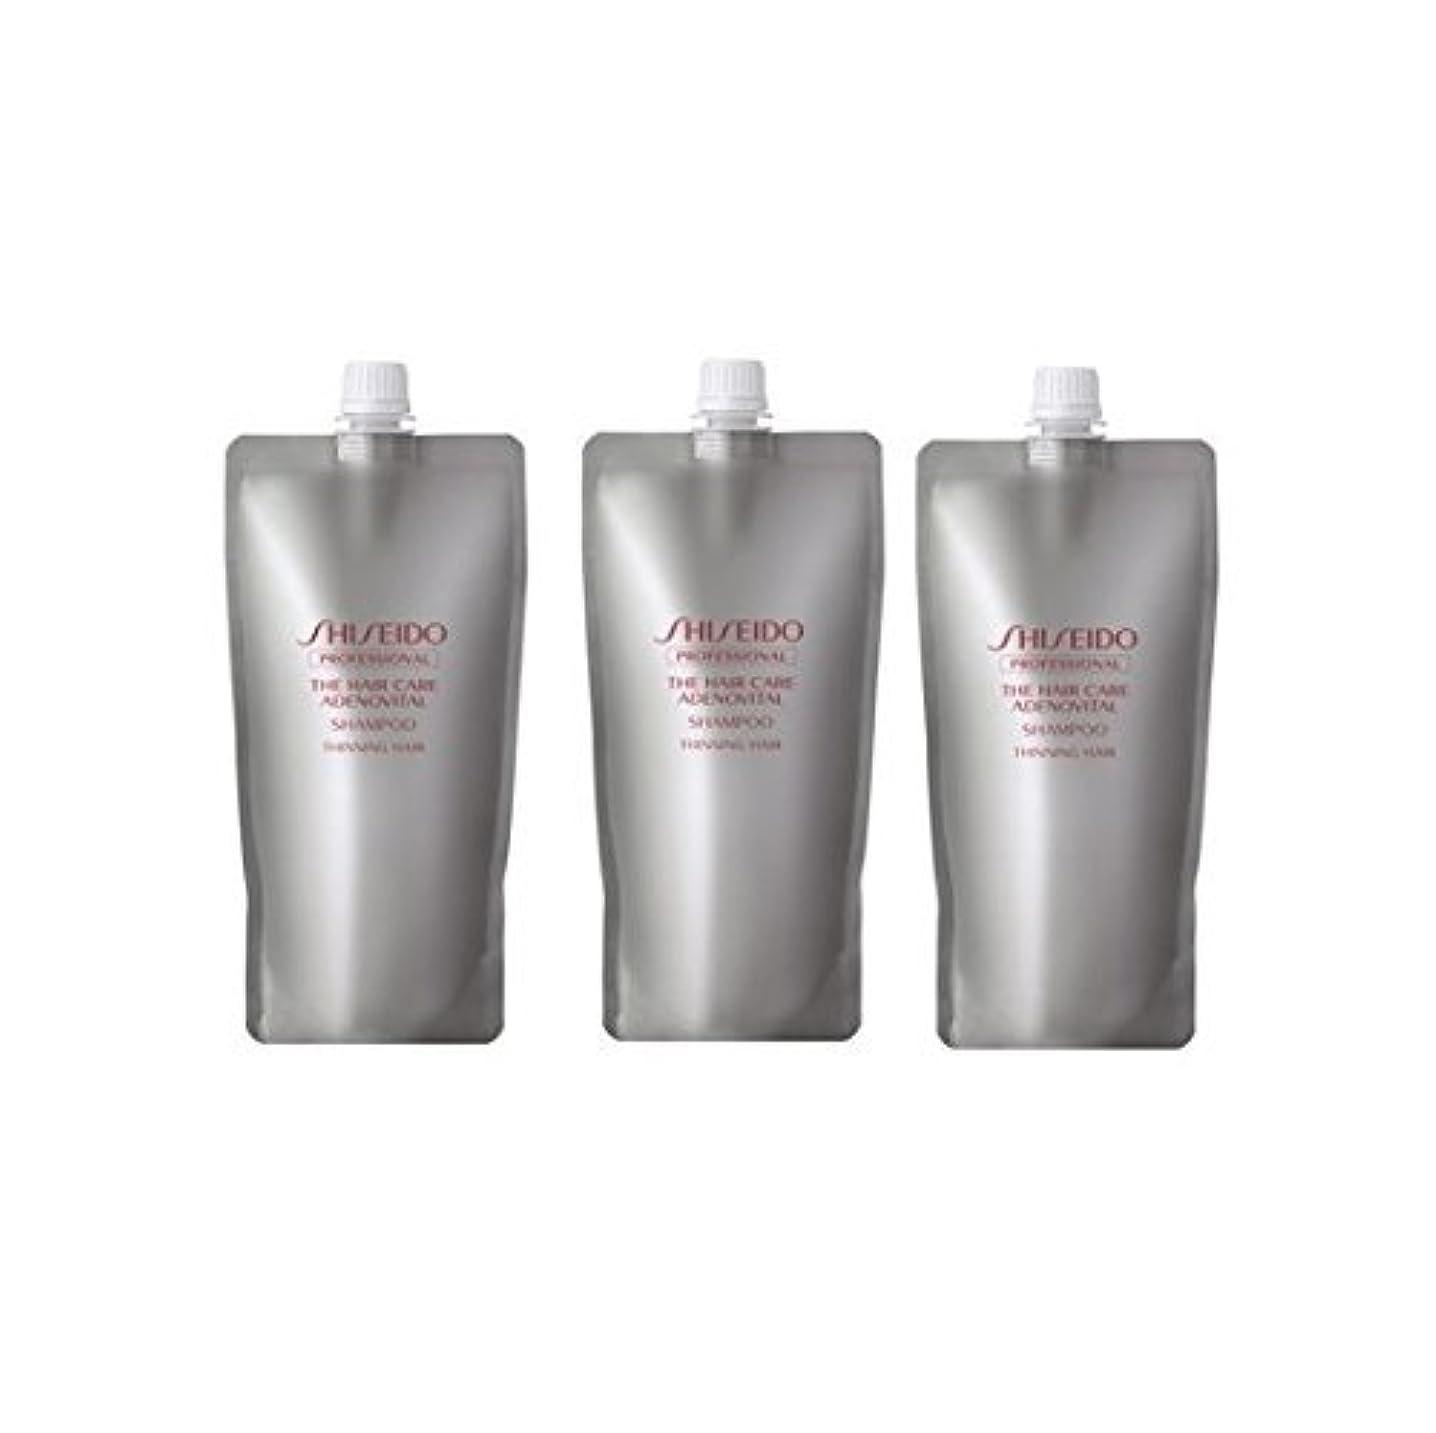 解明する洗剤破壊的な【x3個セット】 資生堂プロフェッショナル アデノバイタル シャンプー 450ml 詰め替え 美容室